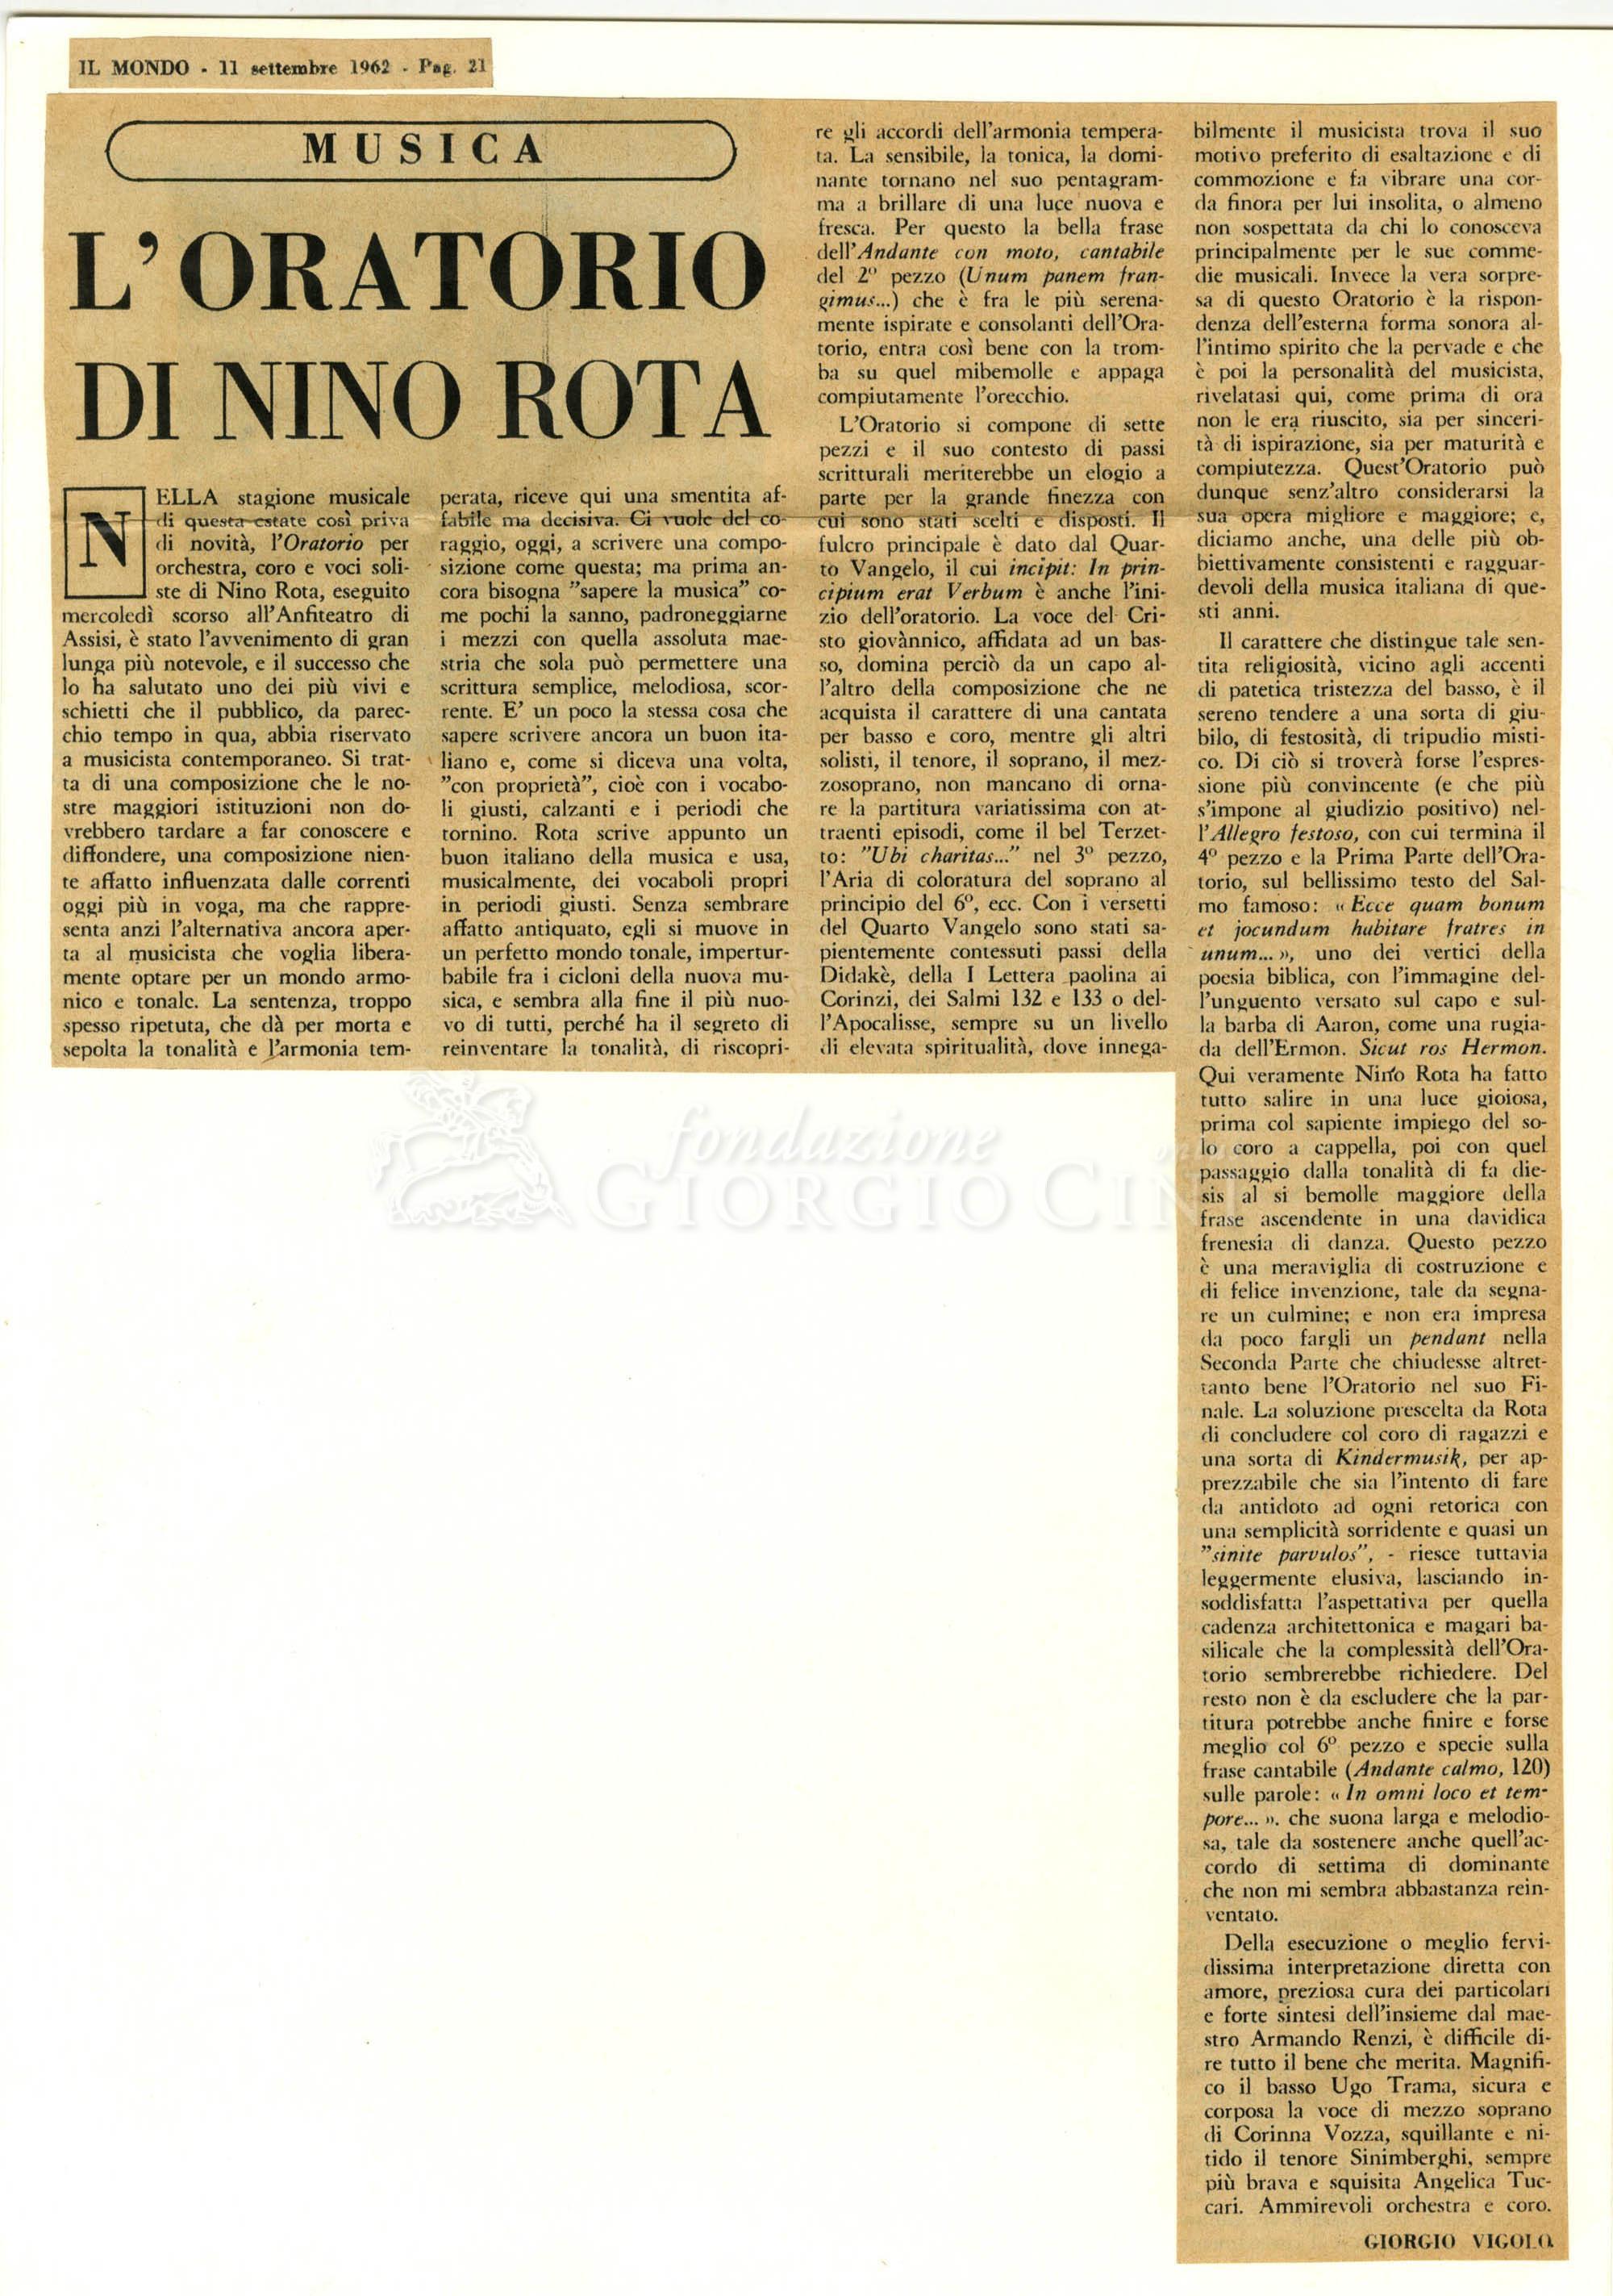 L'oratorio di Nino Rota  11 settembre 1962